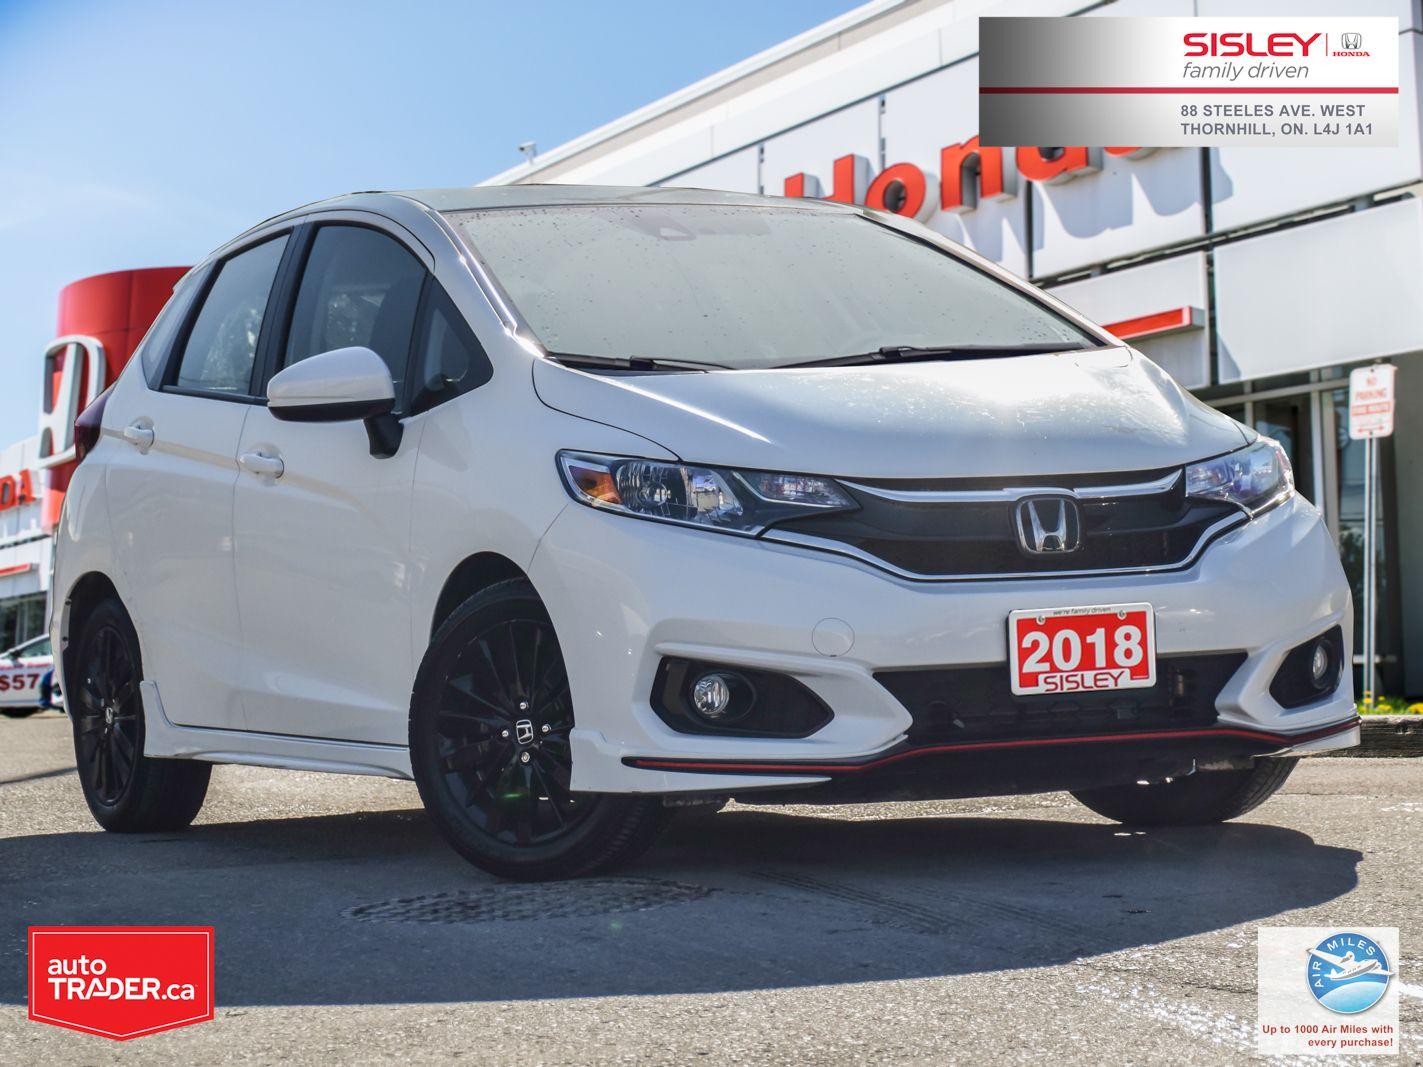 2018 Honda Fit Image